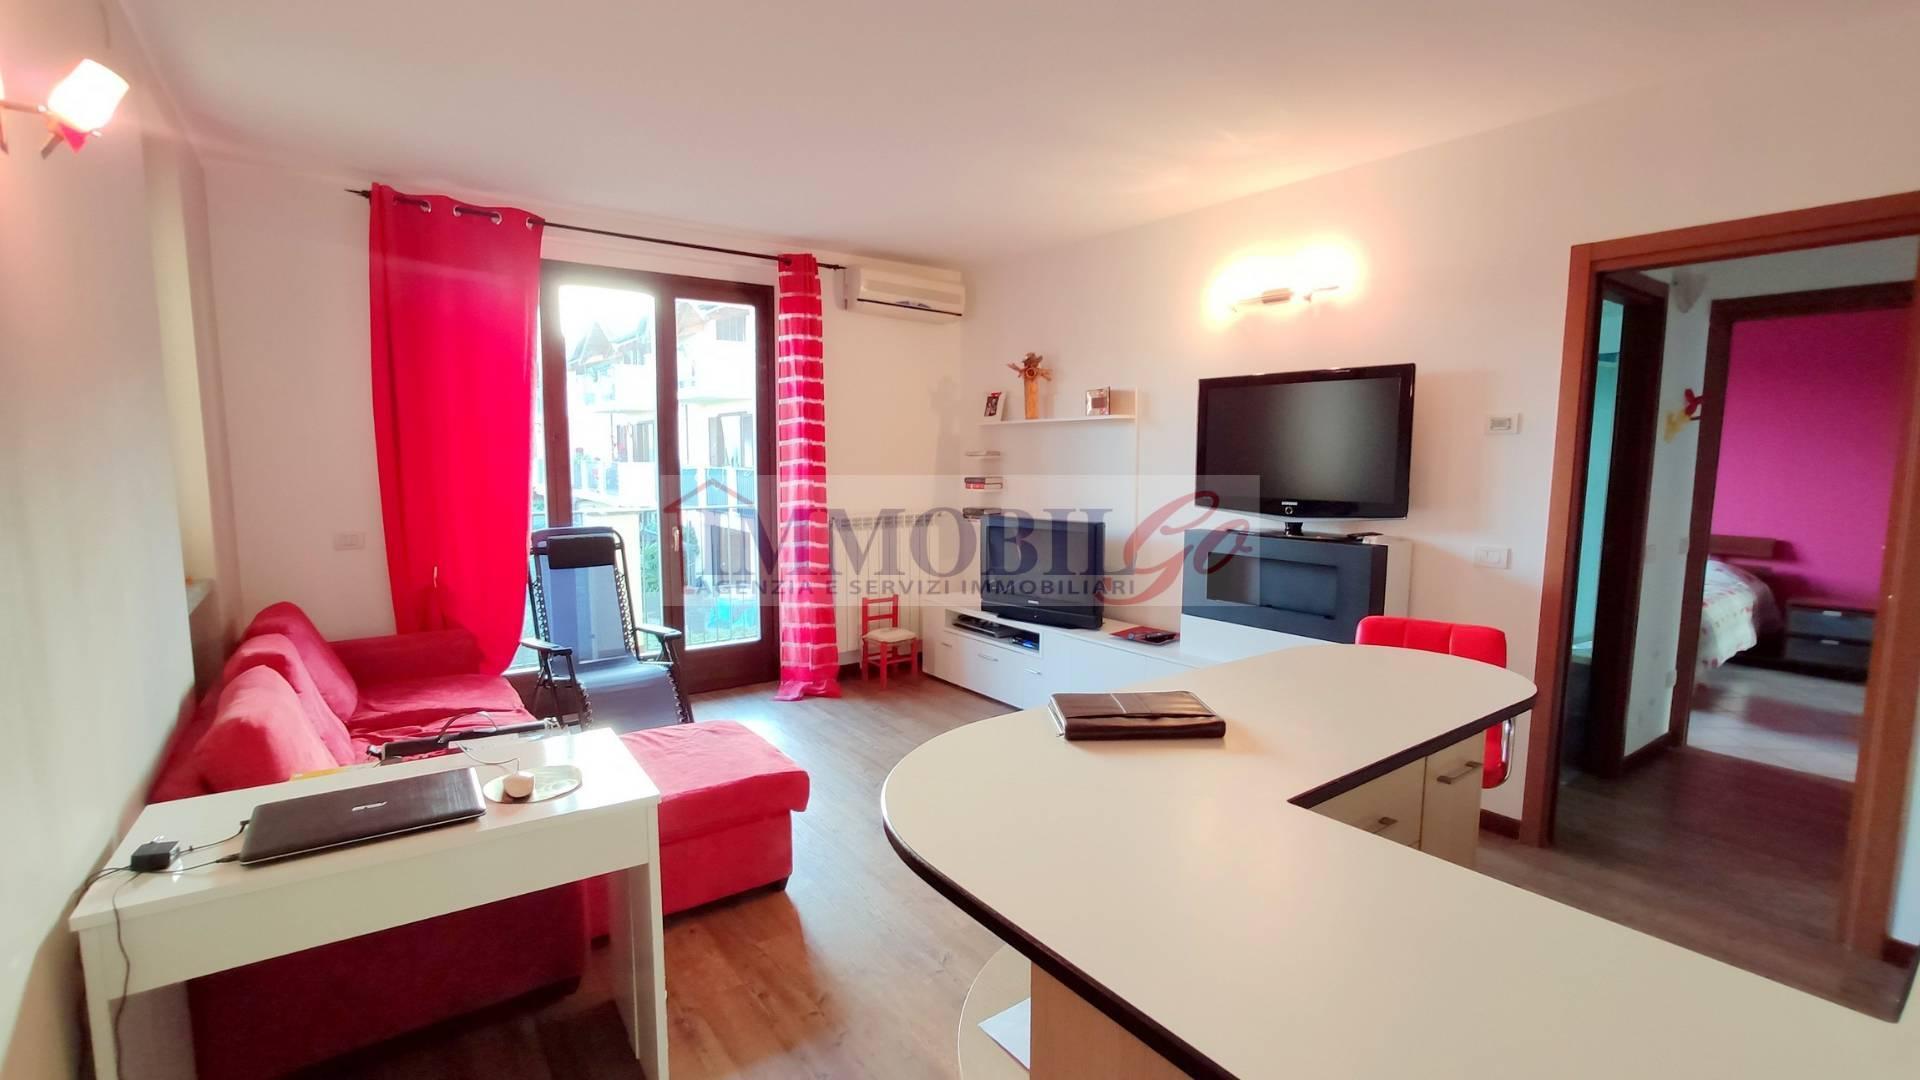 Appartamento in vendita a Busnago, 2 locali, prezzo € 105.000   CambioCasa.it